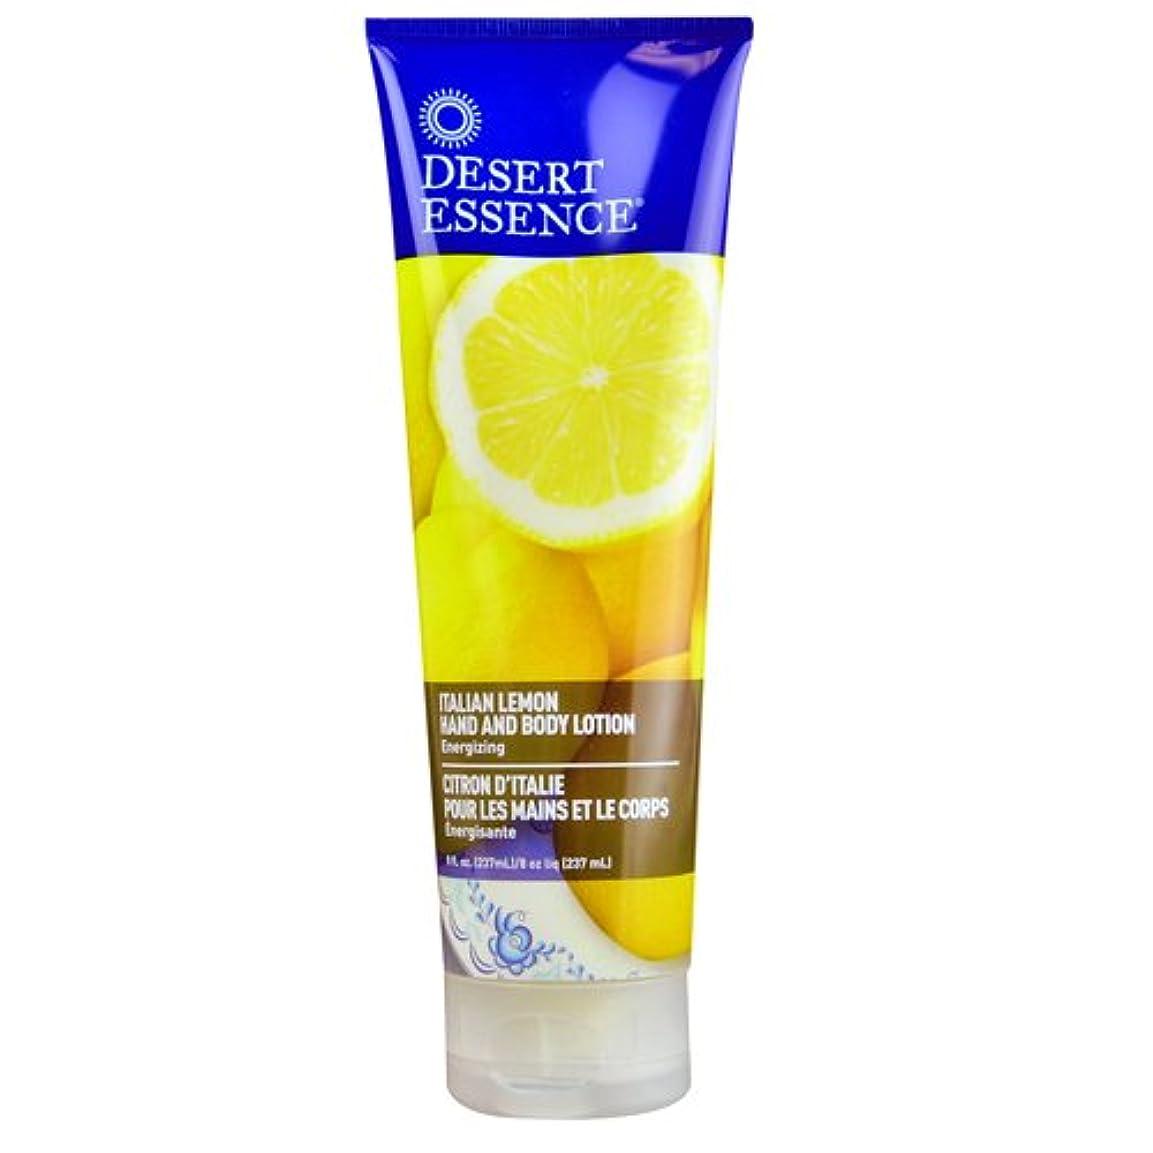 アーティファクト誕生日忙しいDesert Essence, Hand and Body Lotion, Italian Lemon, 8 fl oz (237 ml)